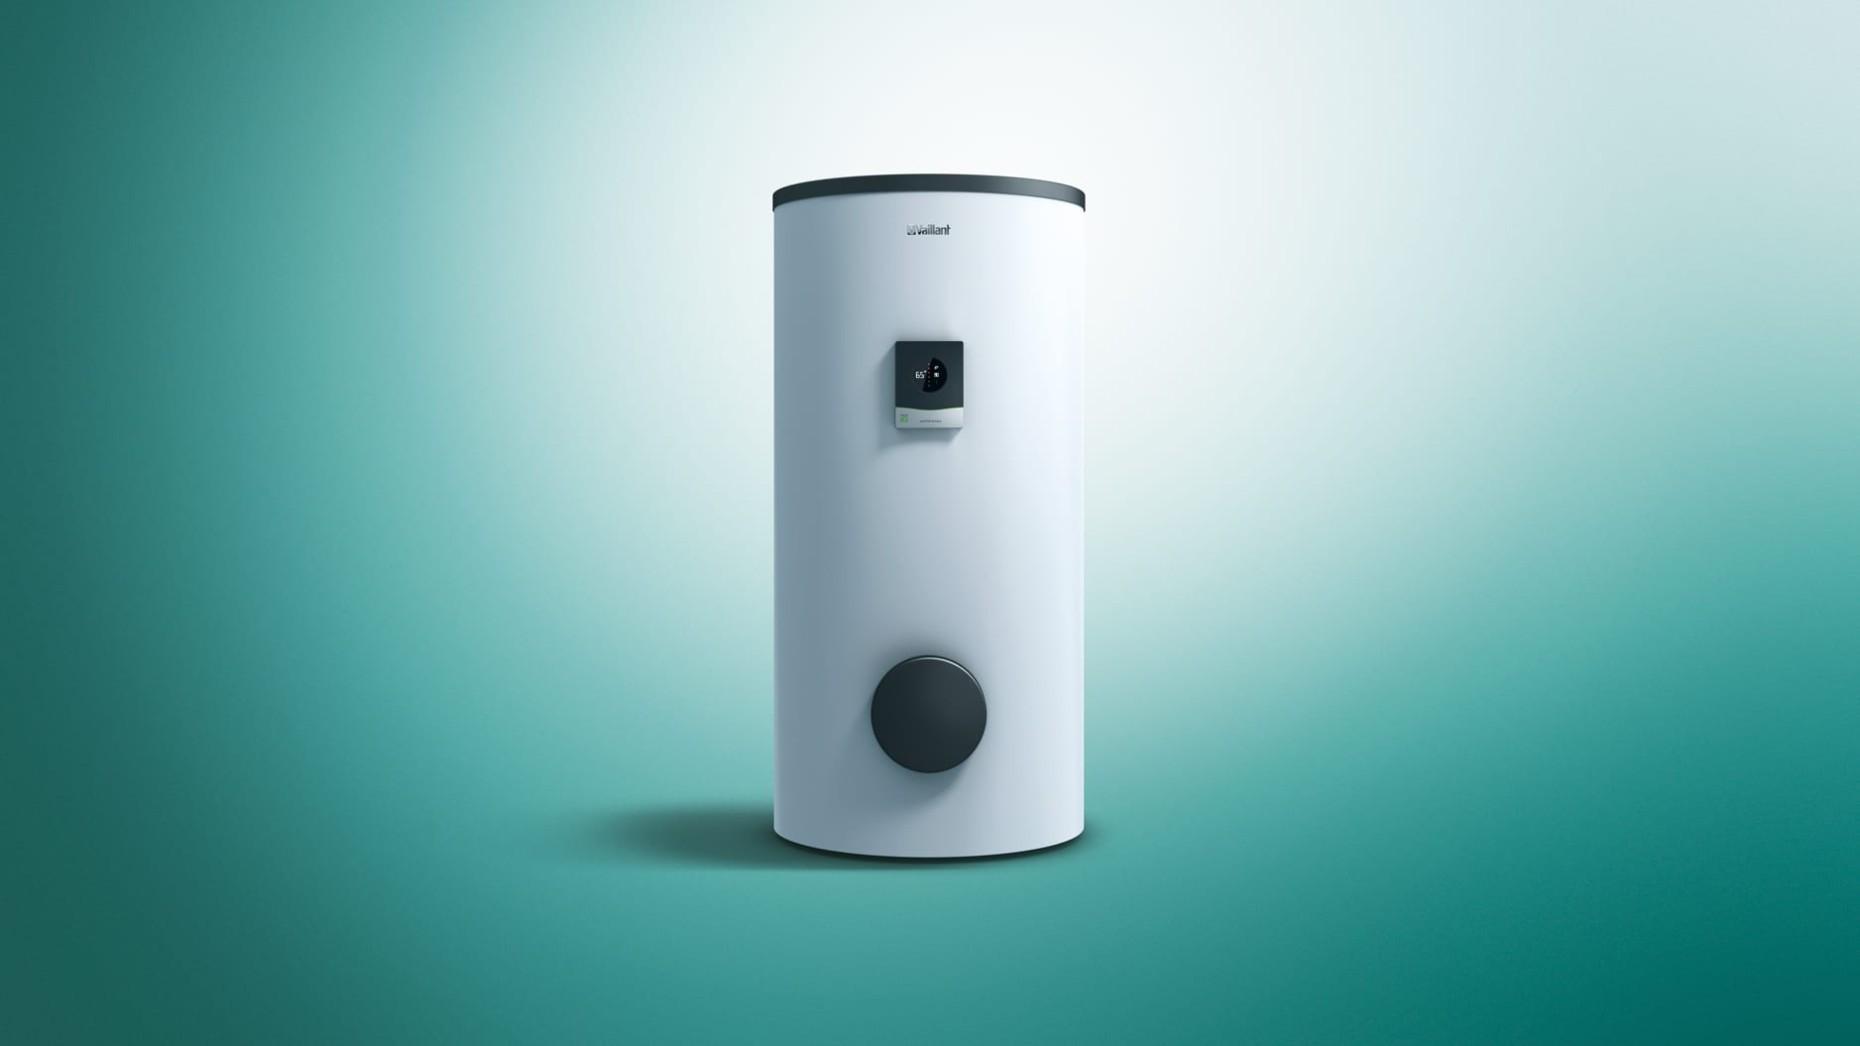 Pompe A Chaleur Chauffe Eau concernant chauffe-eau pour pompes à chaleur unistor vih rw/sw | vaillant